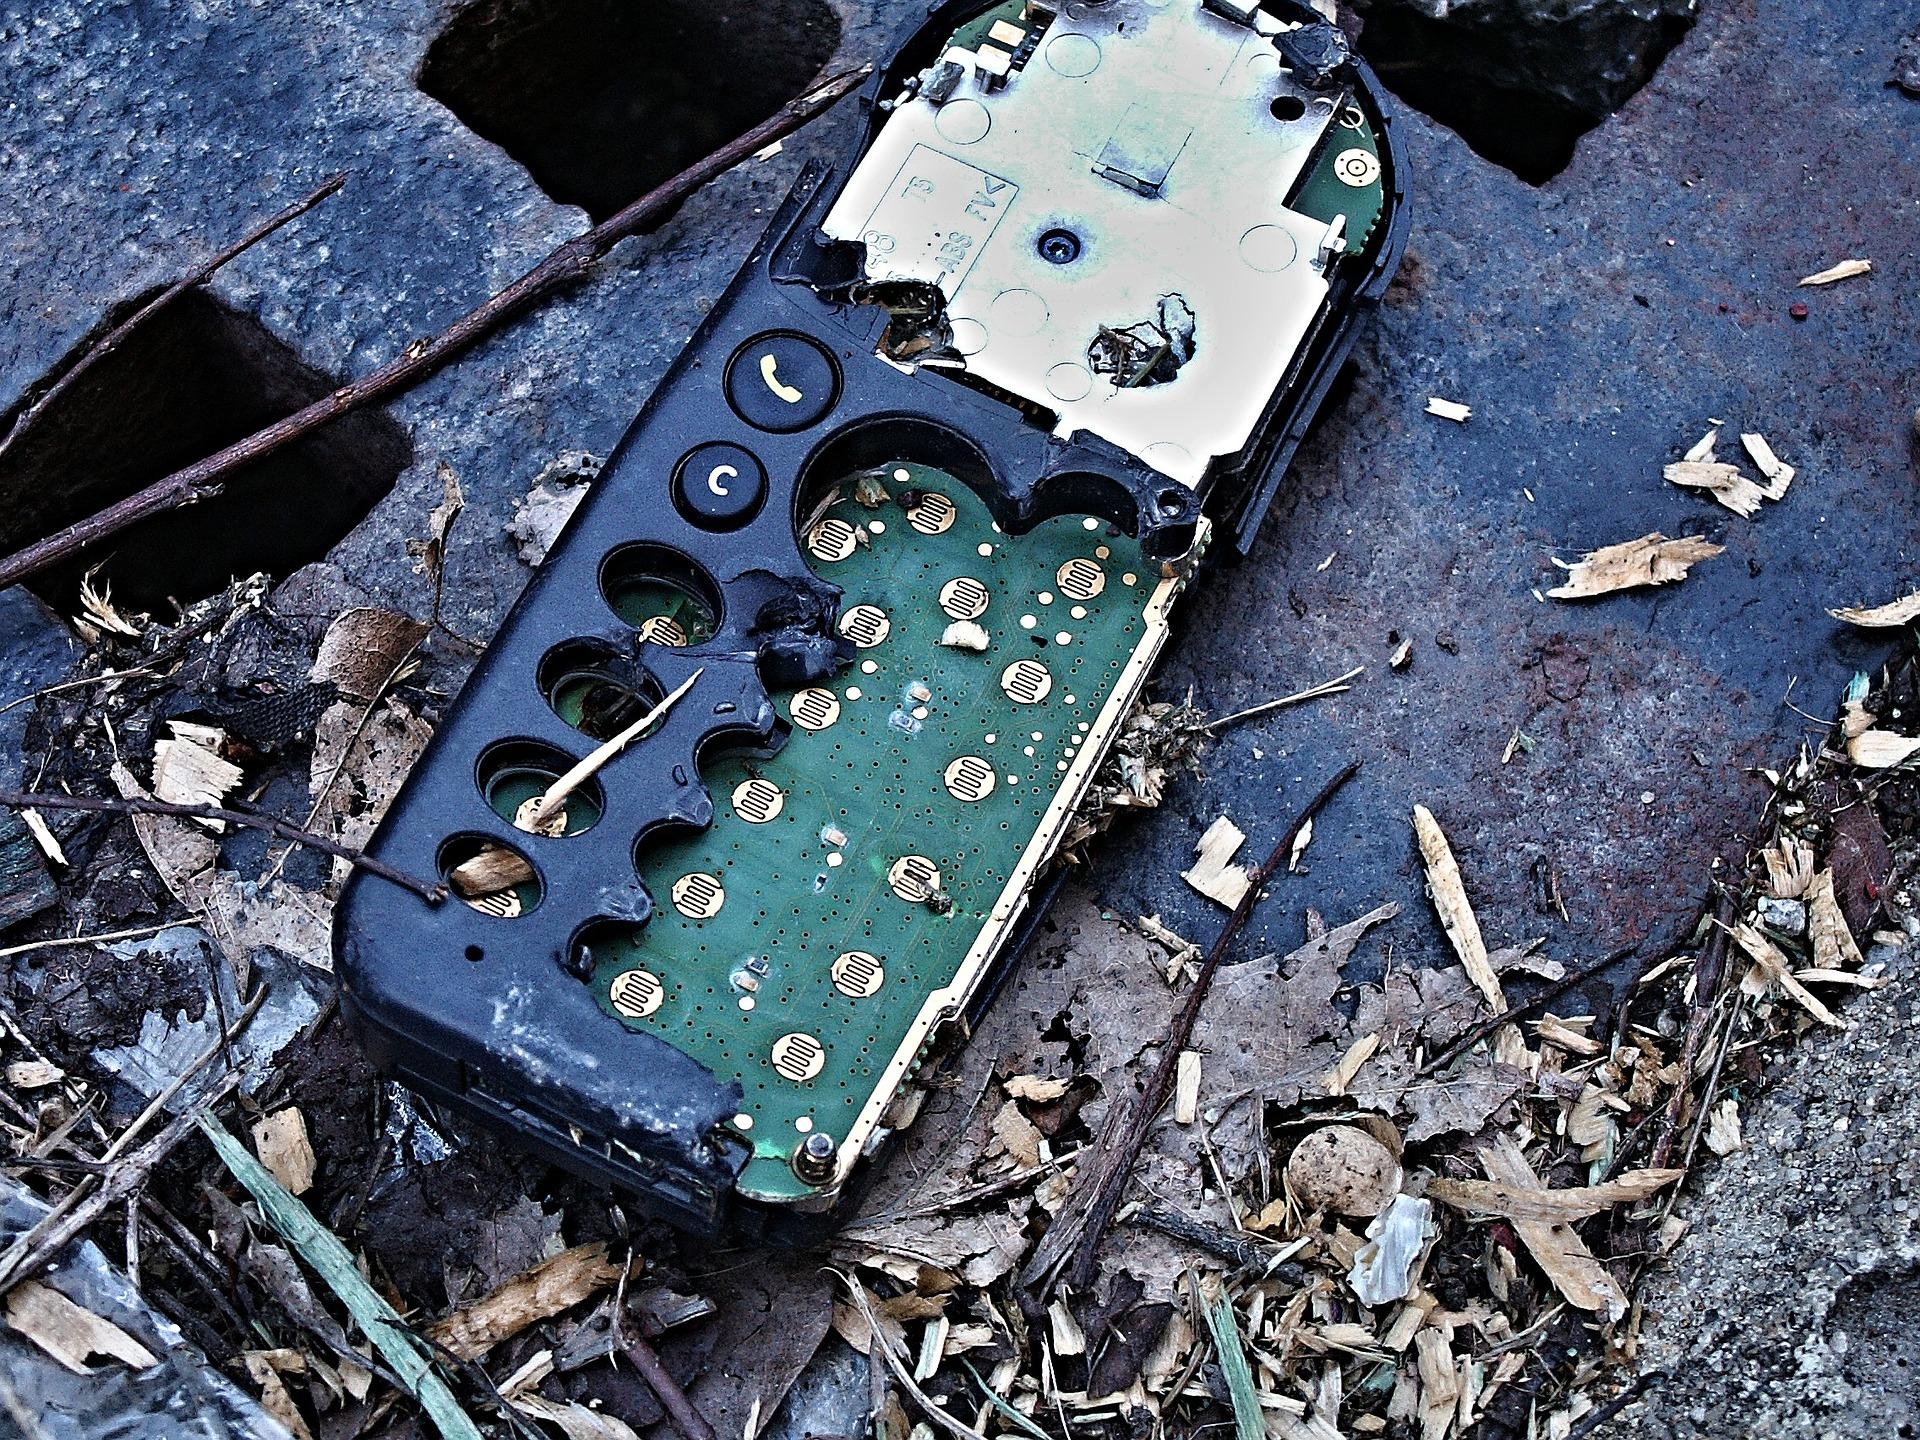 El desmontaje de residuos electrónicos expone a contaminantes peligrosos / Pixabay